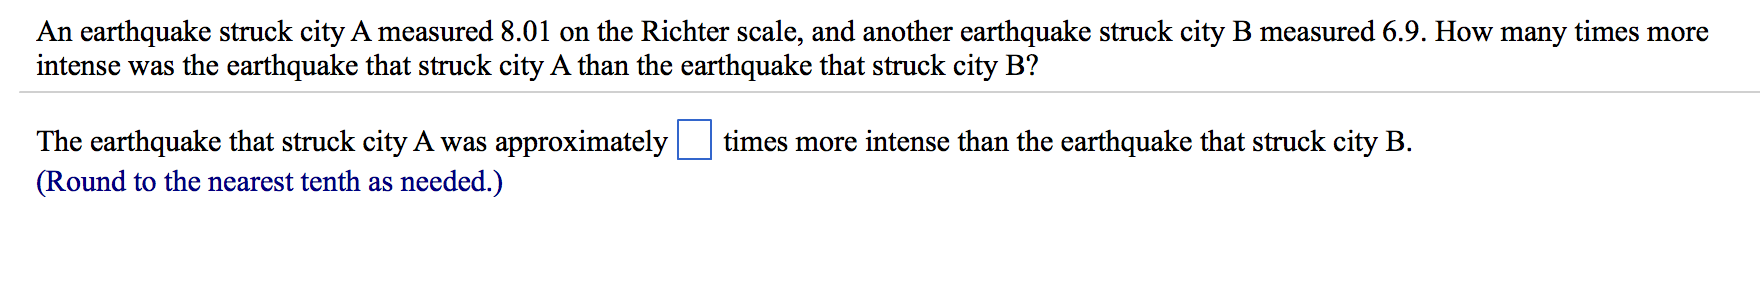 Earthquake homework help